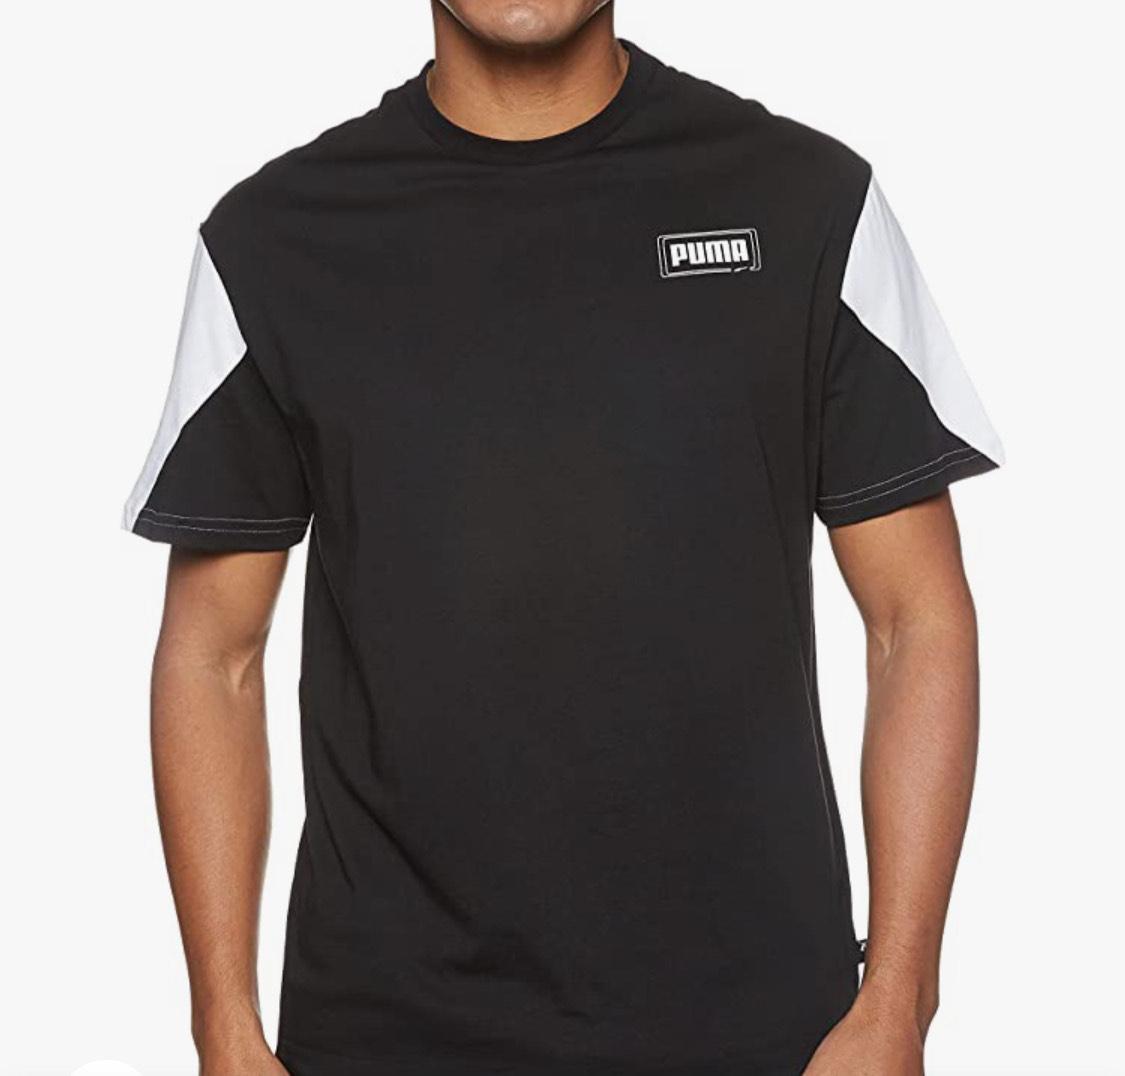 Camiseta algodón Puma hombres talla L.